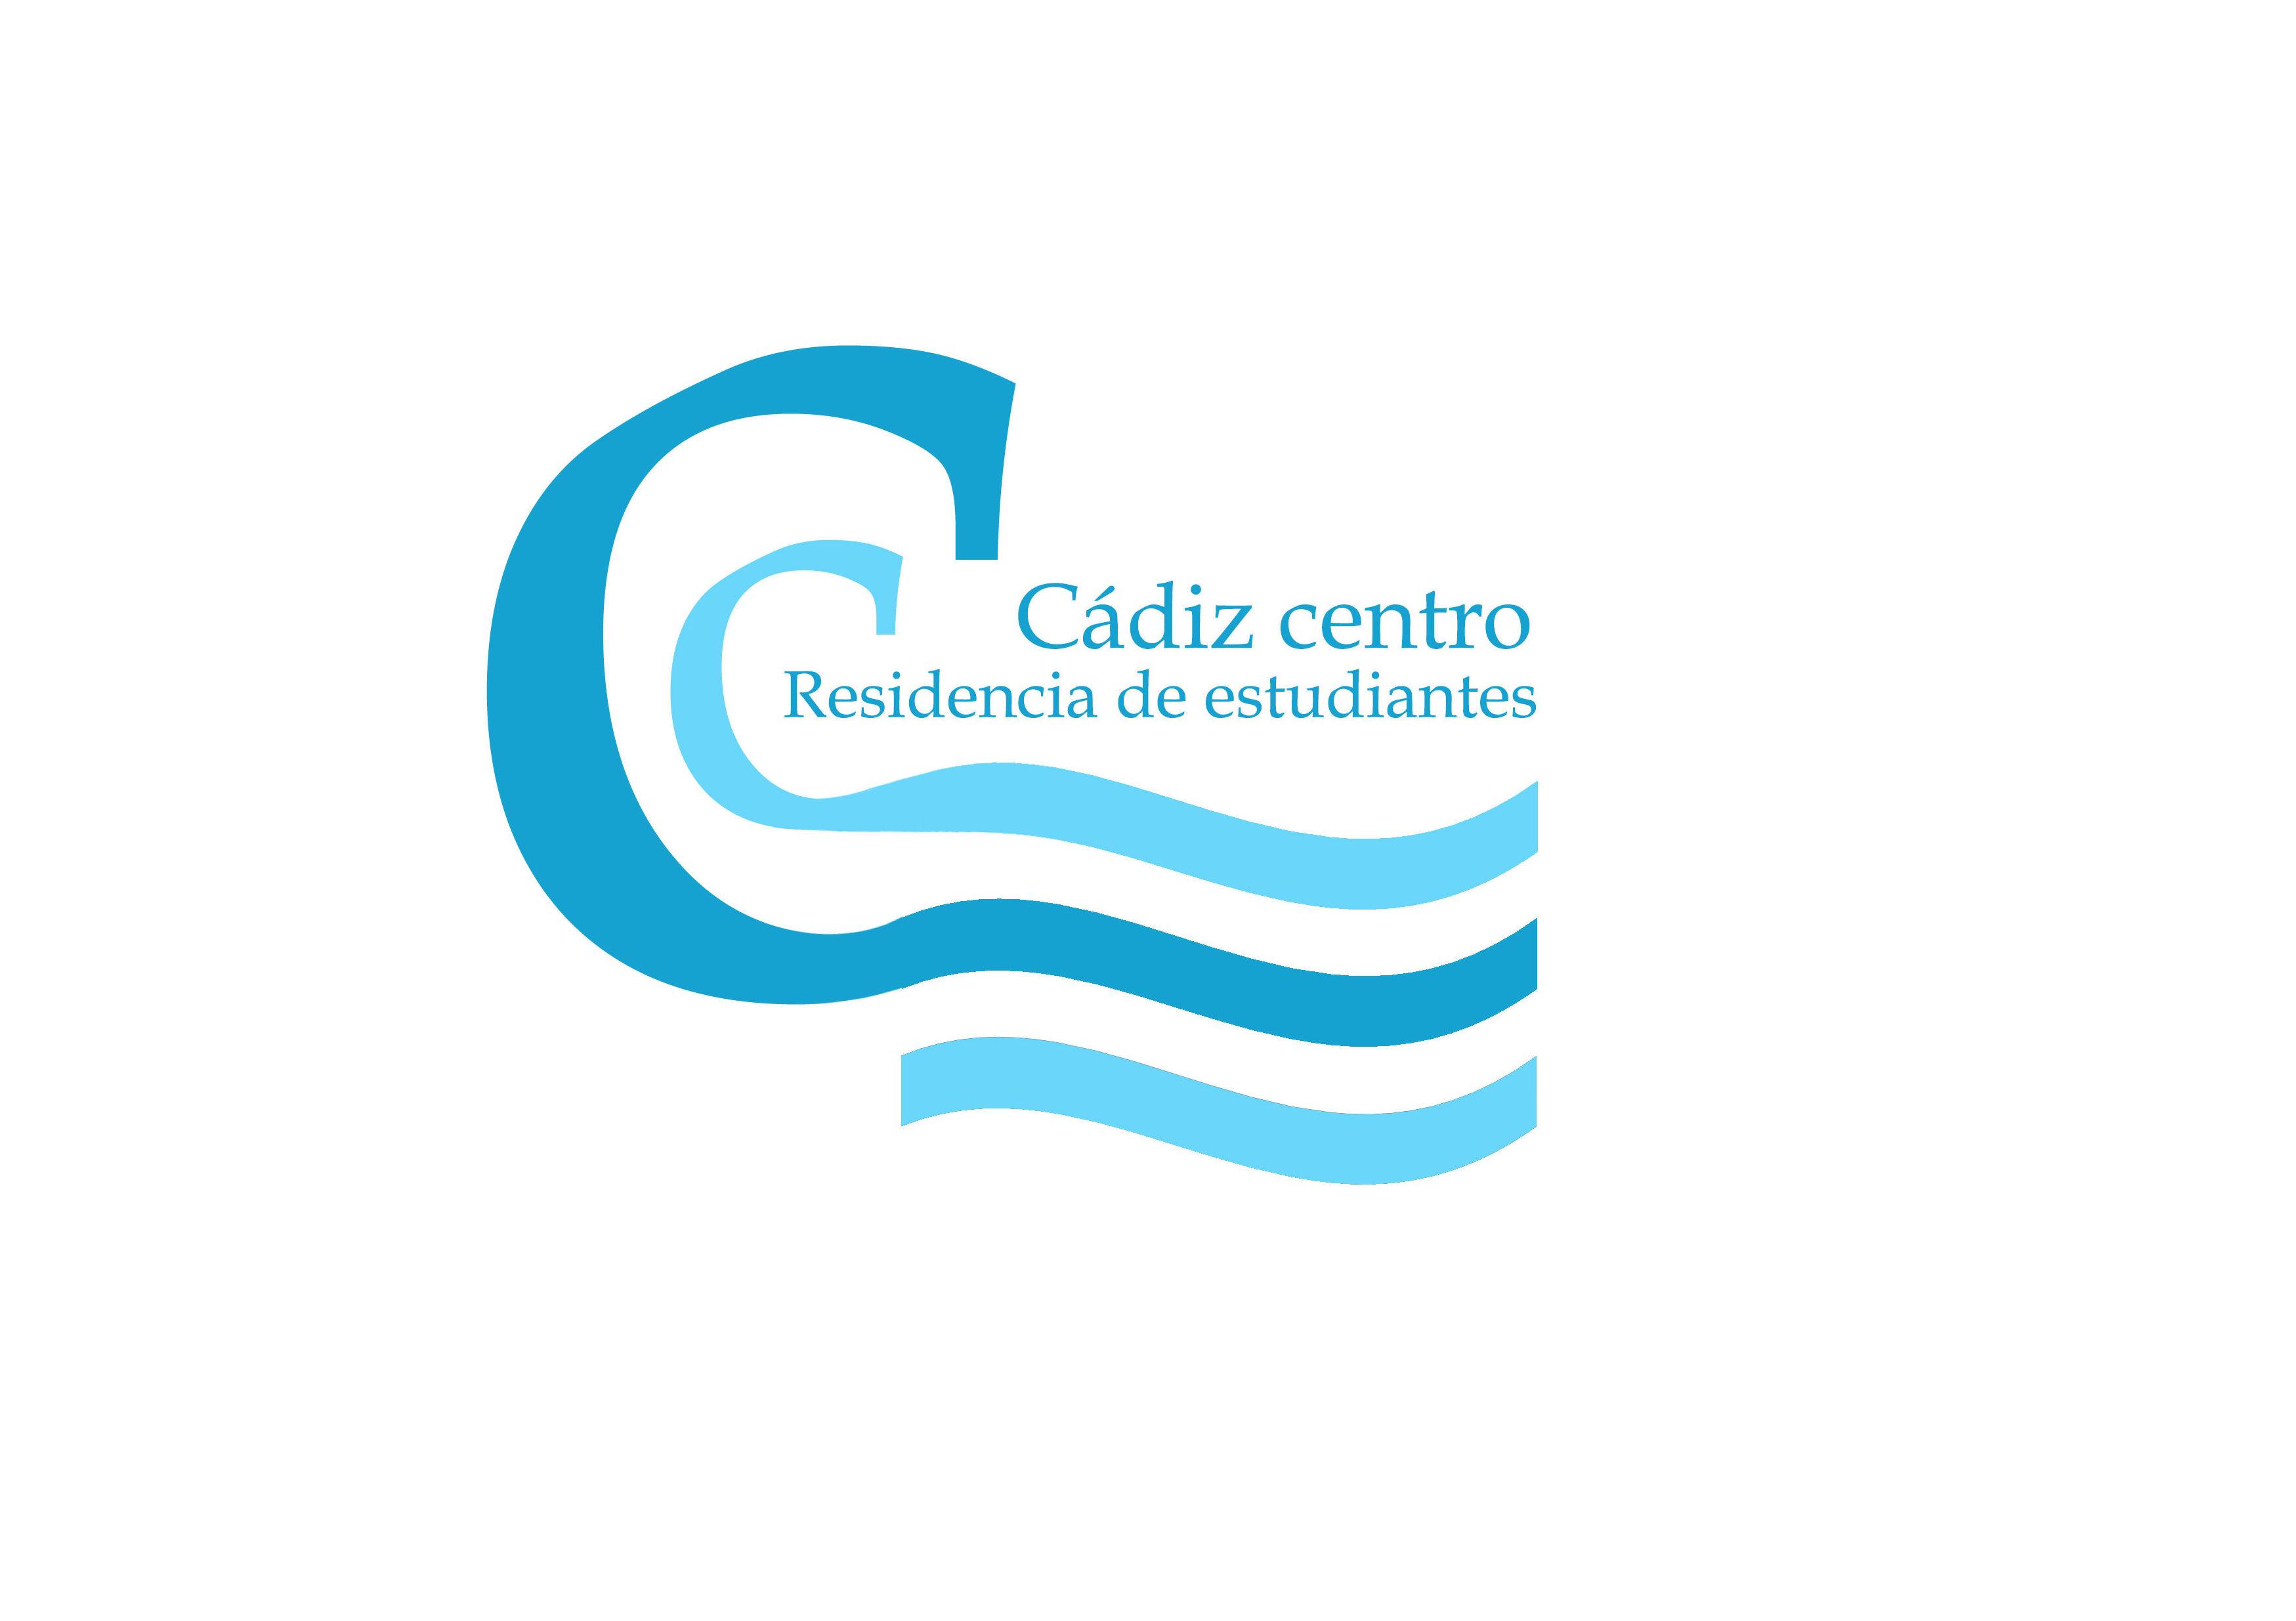 CALEFACCION Y AGUA CALIENTE: RESERVA TU PLAZA  de Residencia de Estudiantes Cádiz Centro